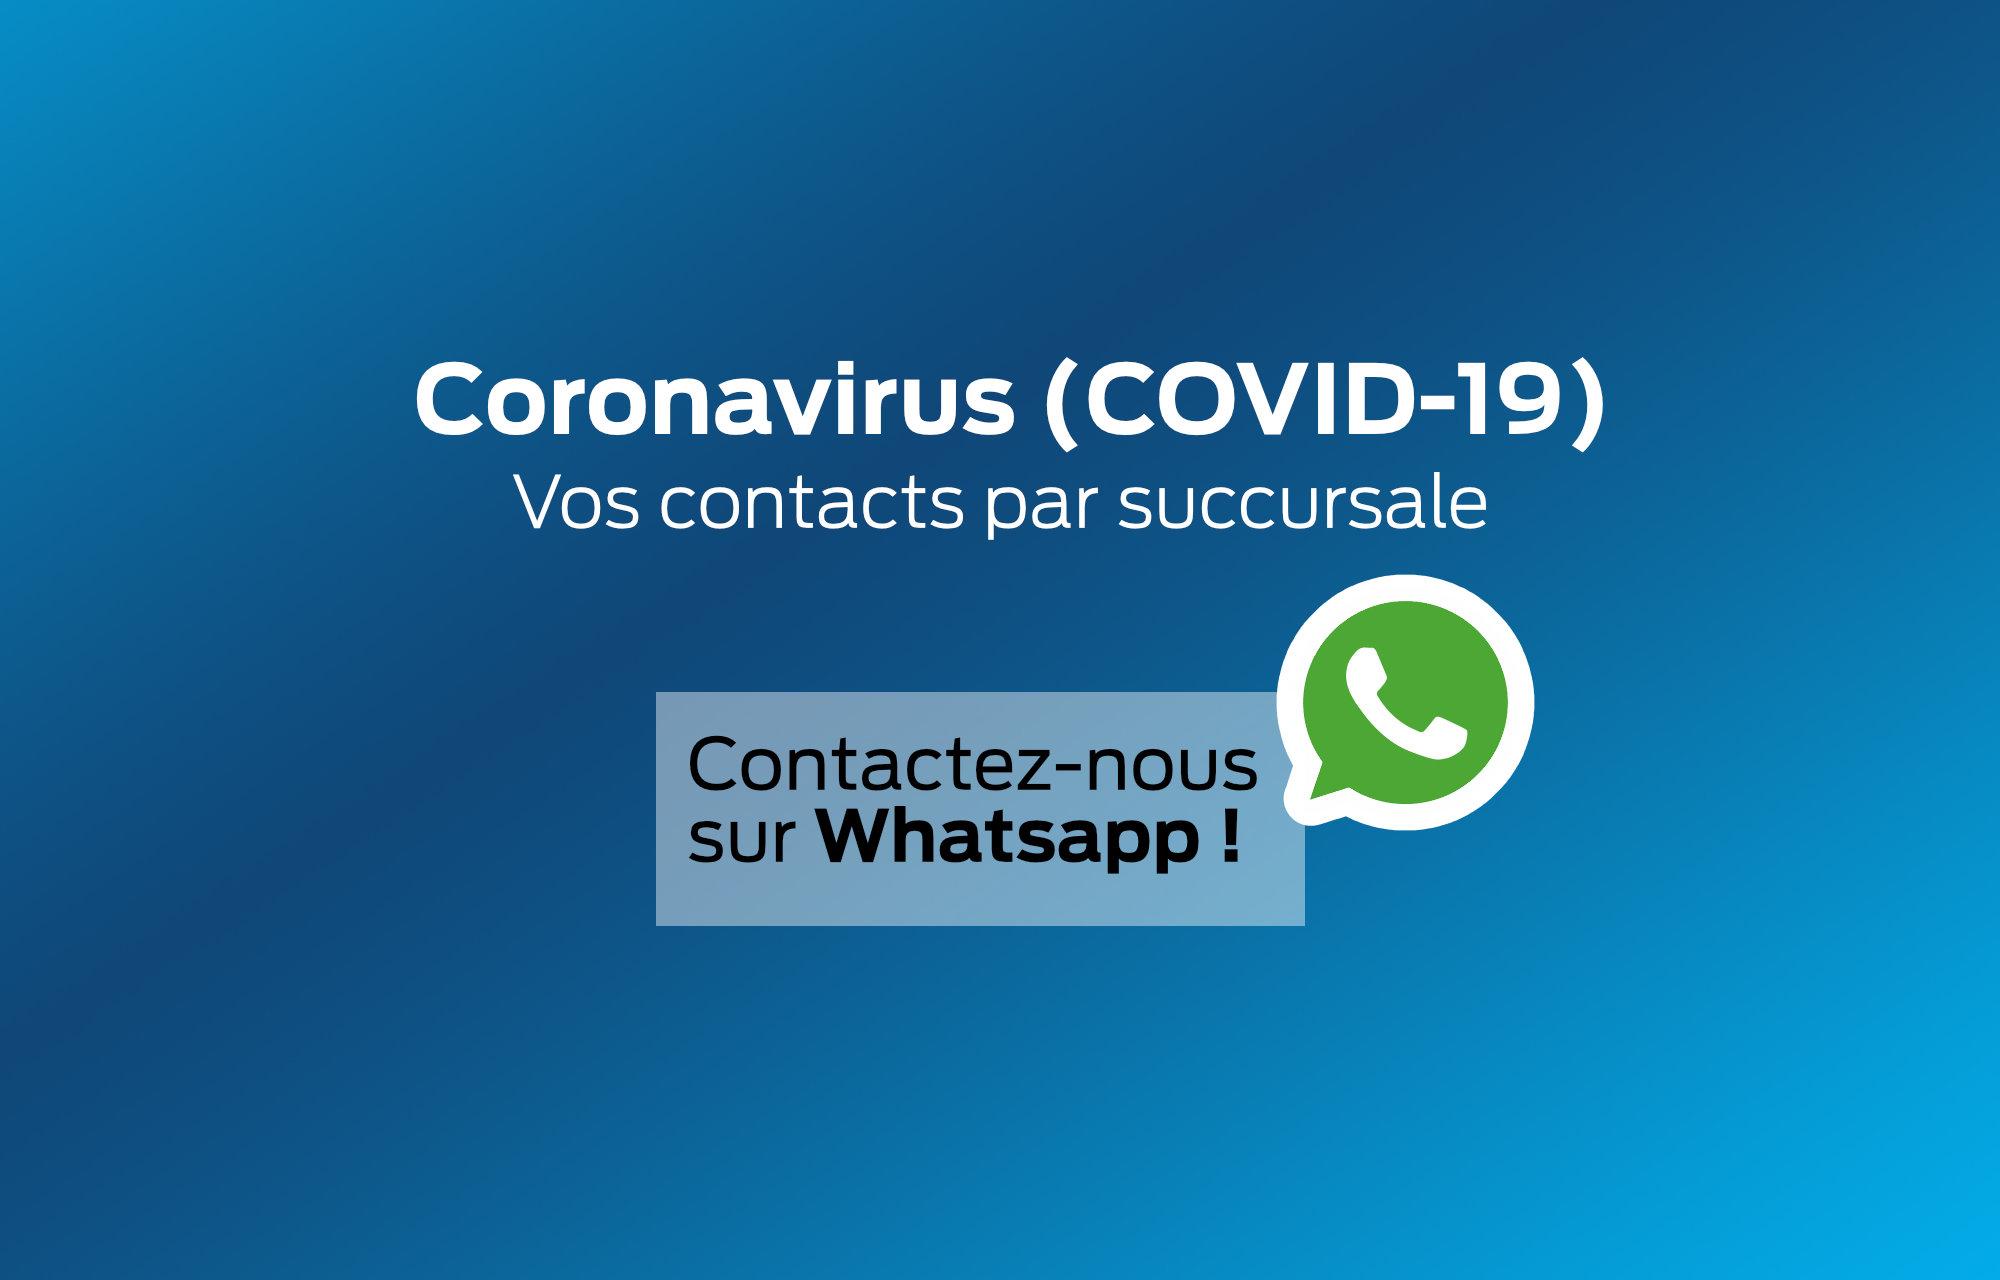 **Coronavirus** : Vos contacts par succursale